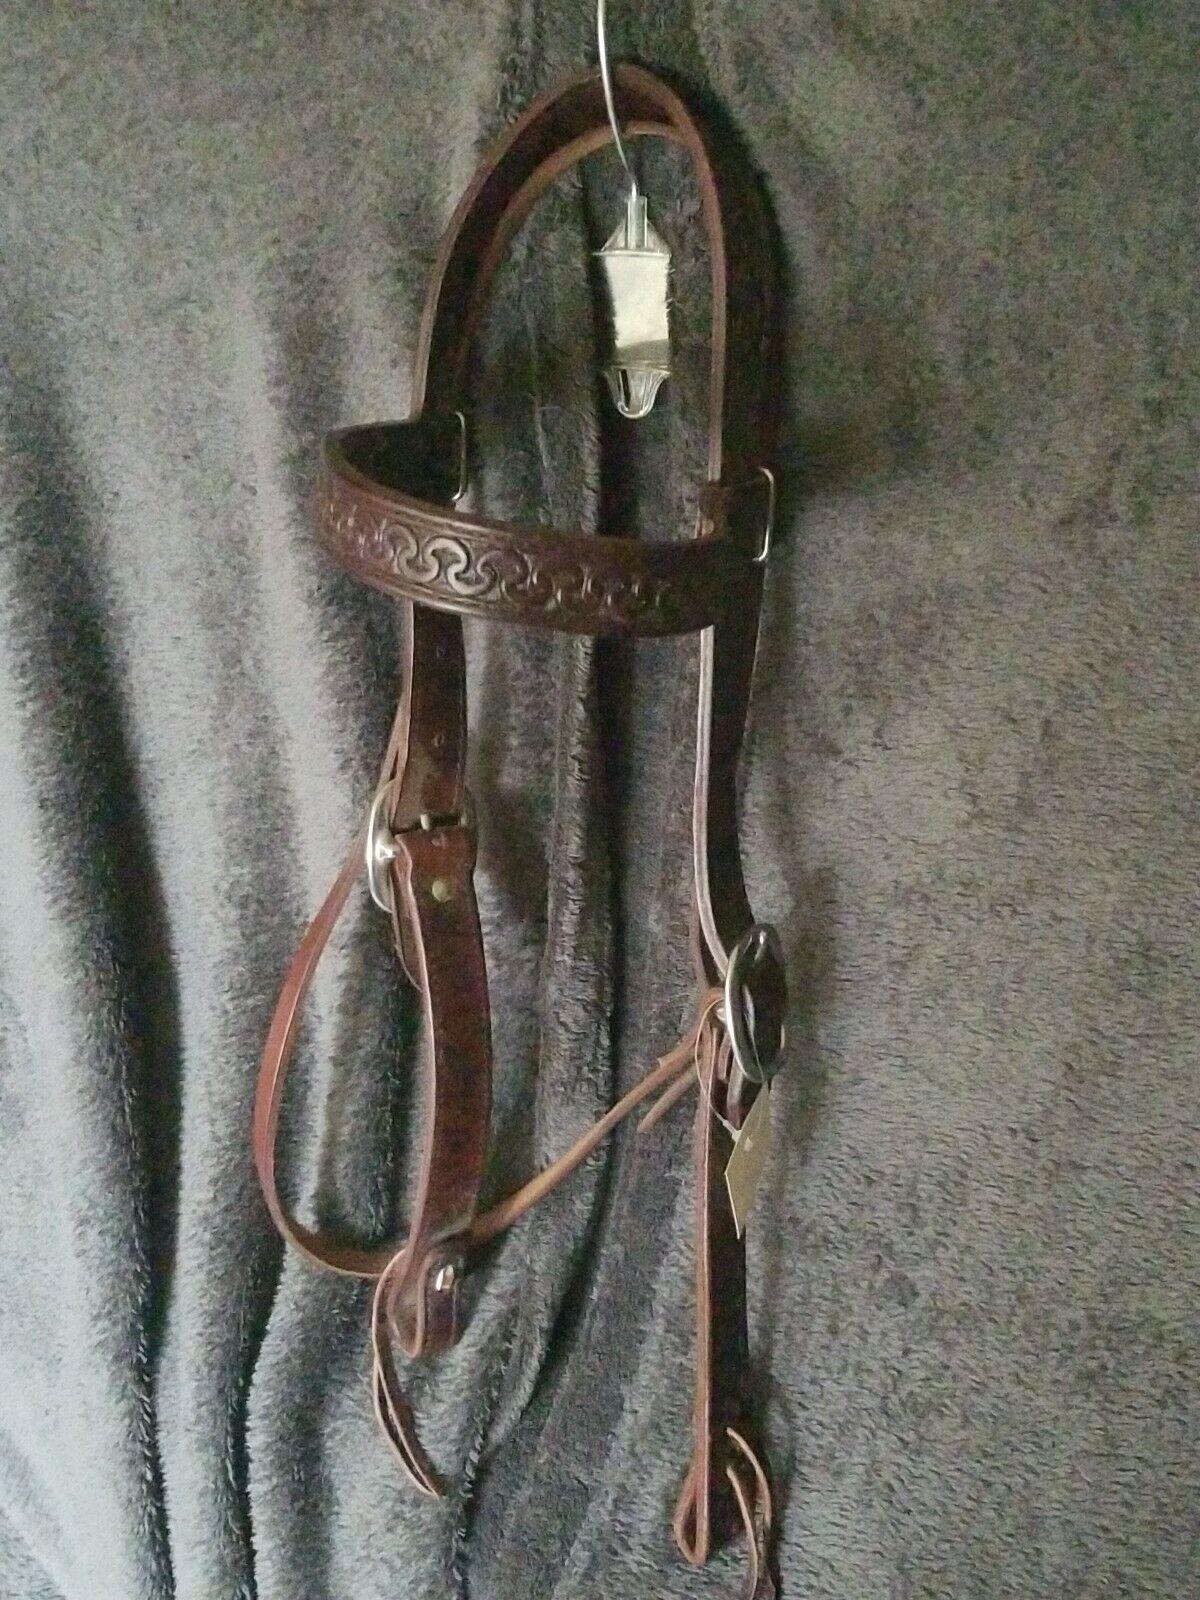 HL Running W HeadstallDimensione 1 WideLarge Horse DimensioneDark OilDouble Stitched